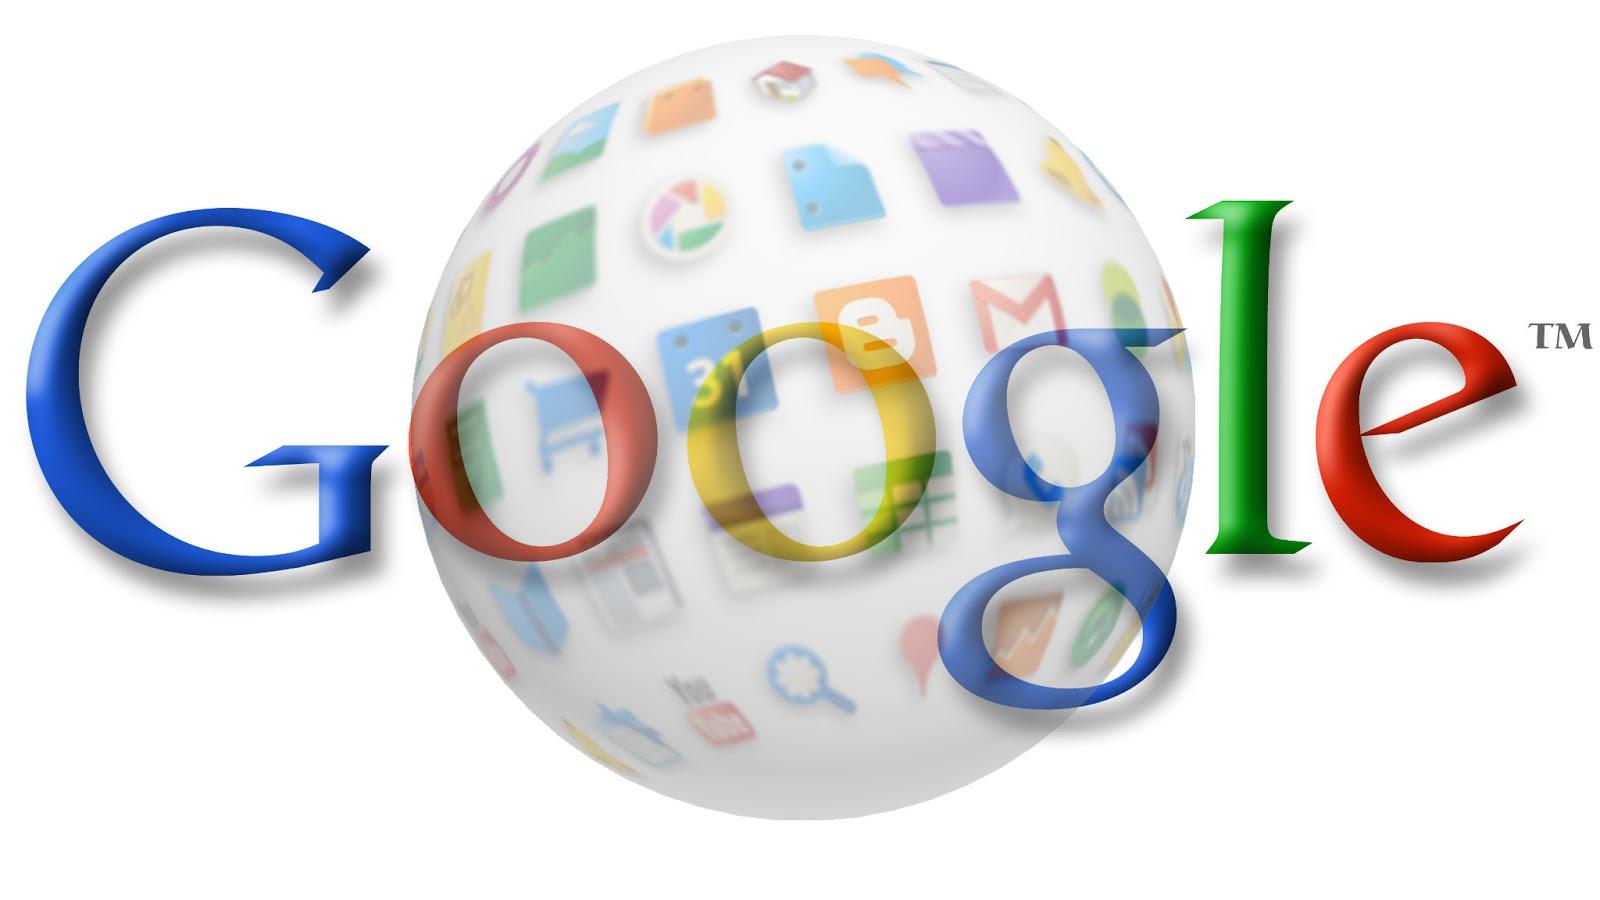 Google e il monopolio: multa salata